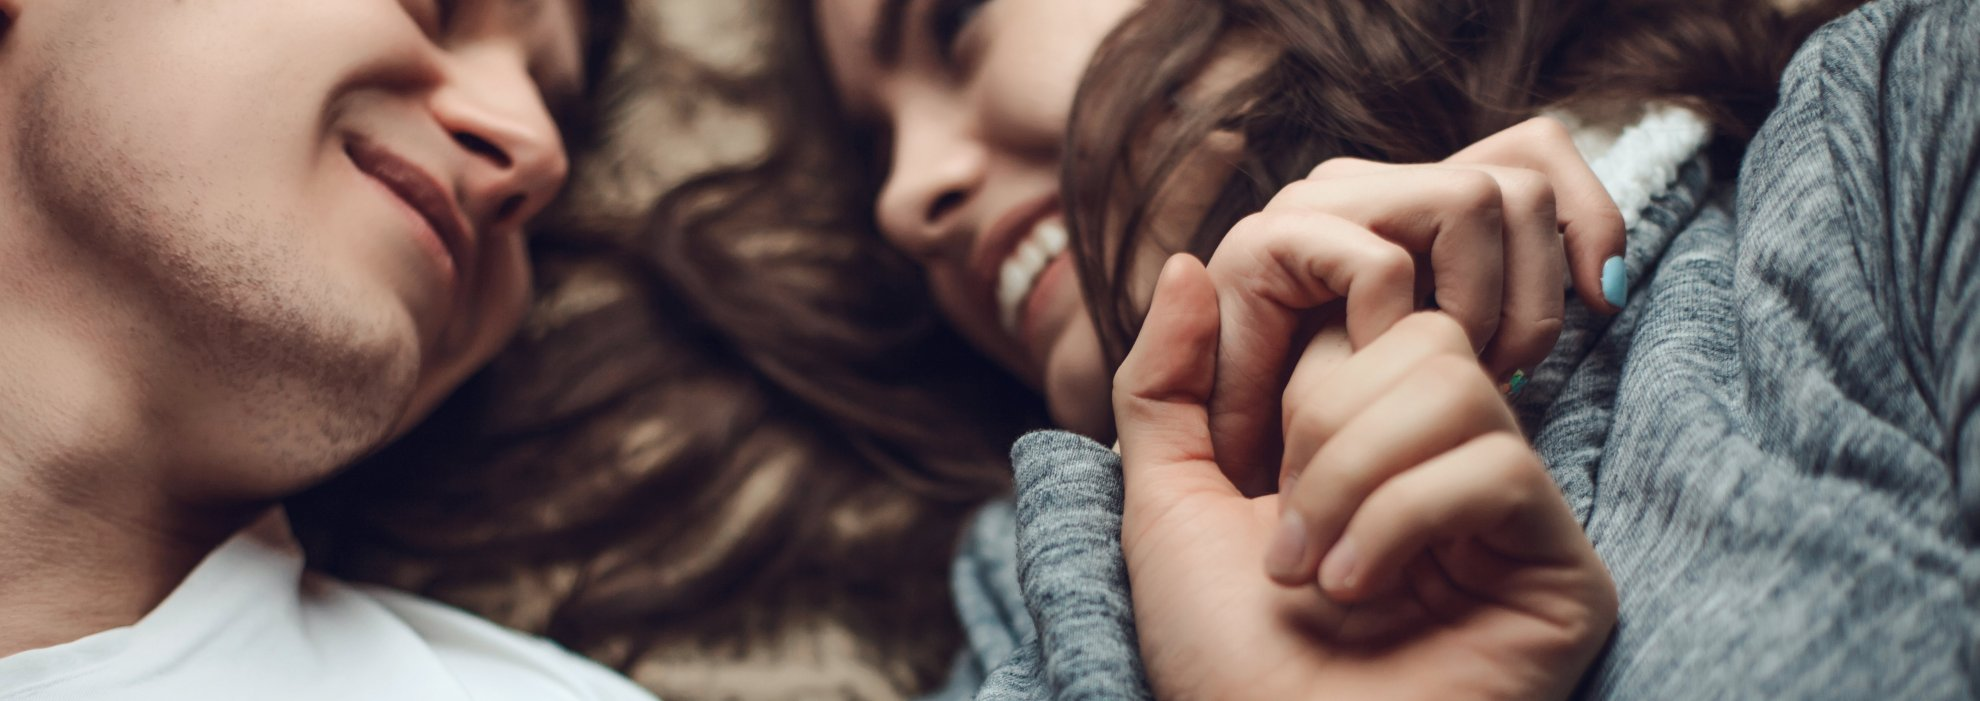 Как признаться девушке в любви фото 4